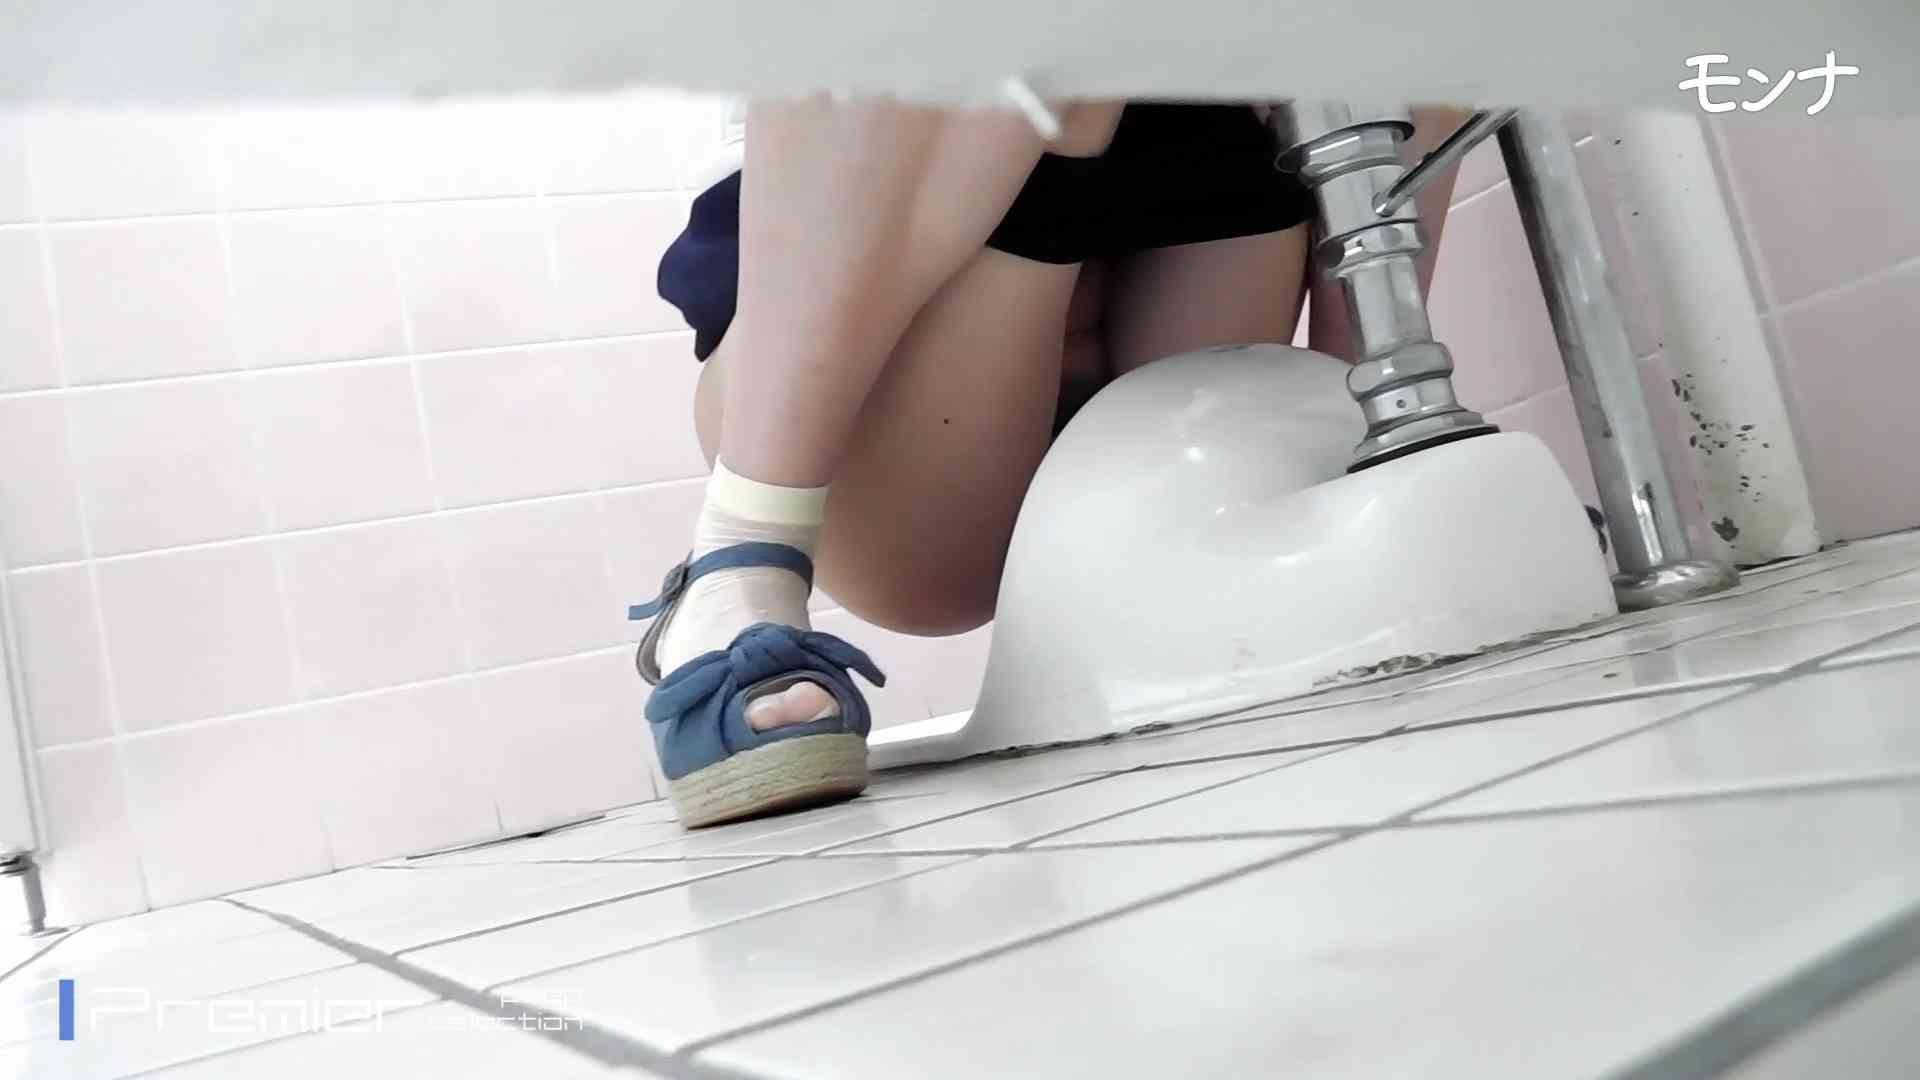 美しい日本の未来 No.84この美脚と距離感 エッチな盗撮 AV無料動画キャプチャ 102pic 62